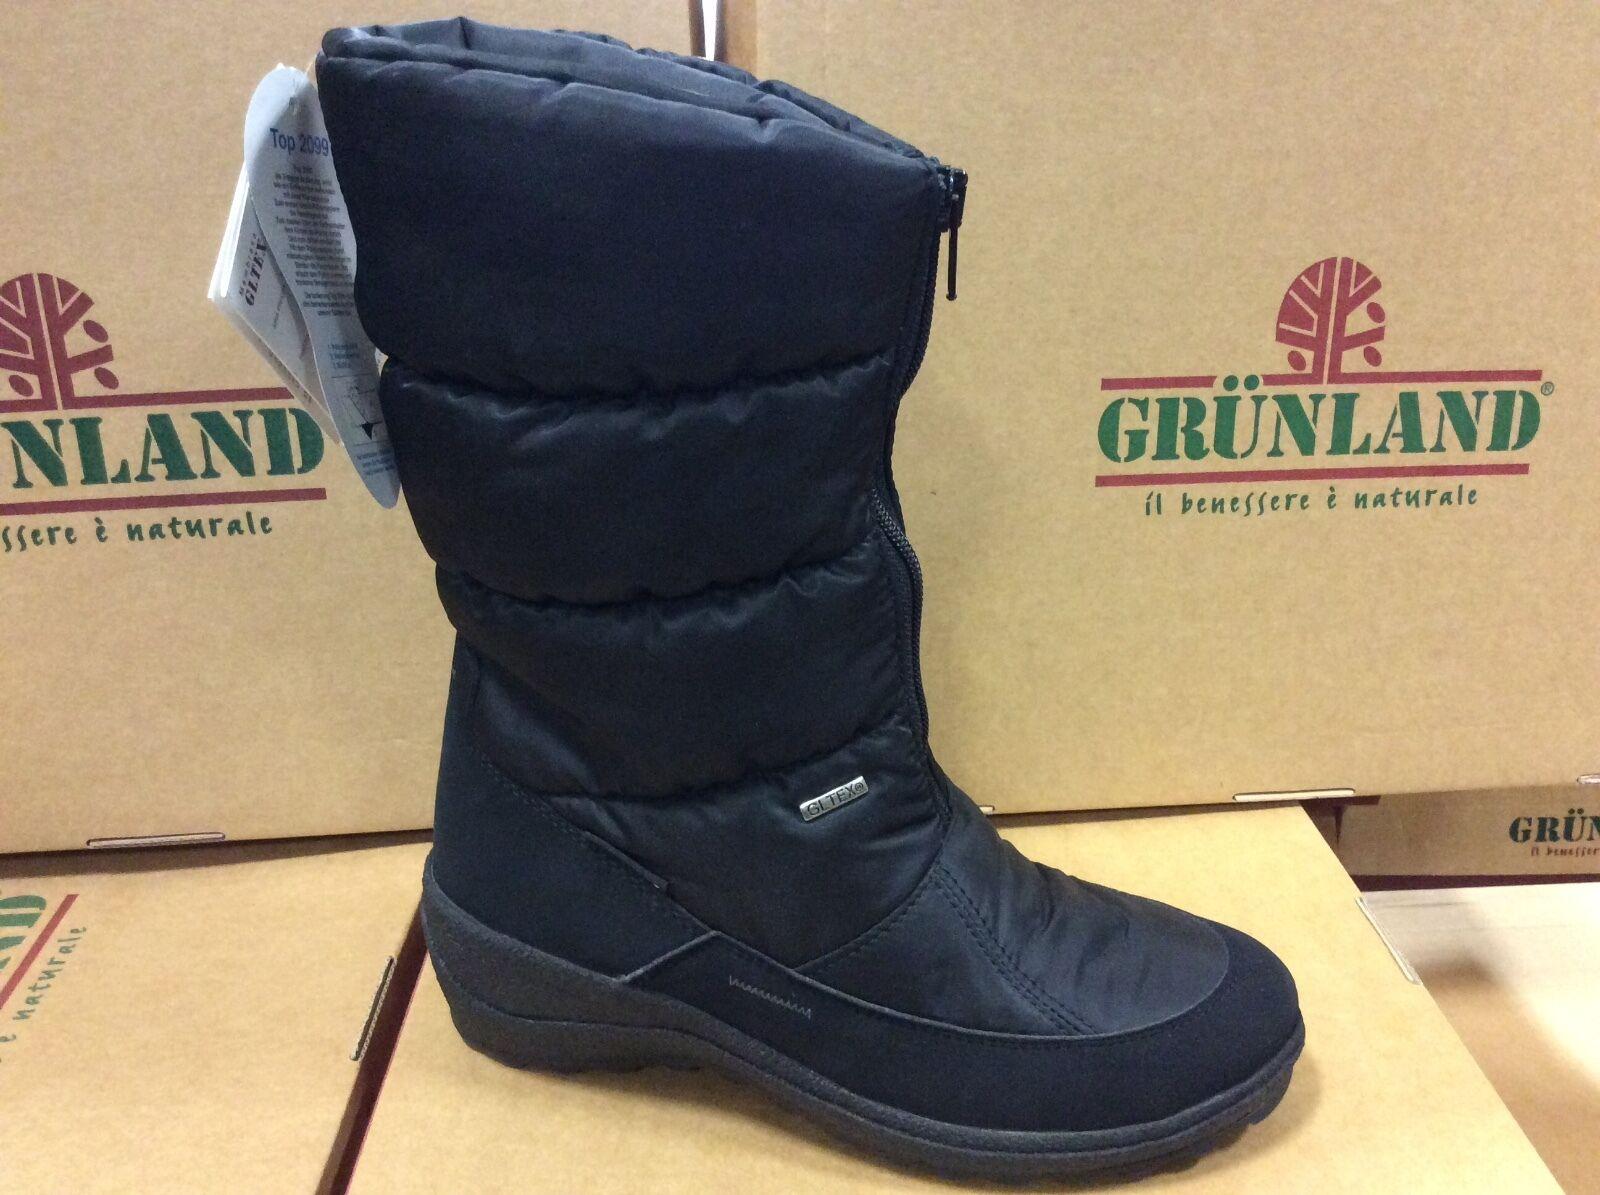 Schneestiefel Damen Stiefel heiß Hintergrund Hintergrund Hintergrund Anti-Rutsch Grunland art 27417 847c33